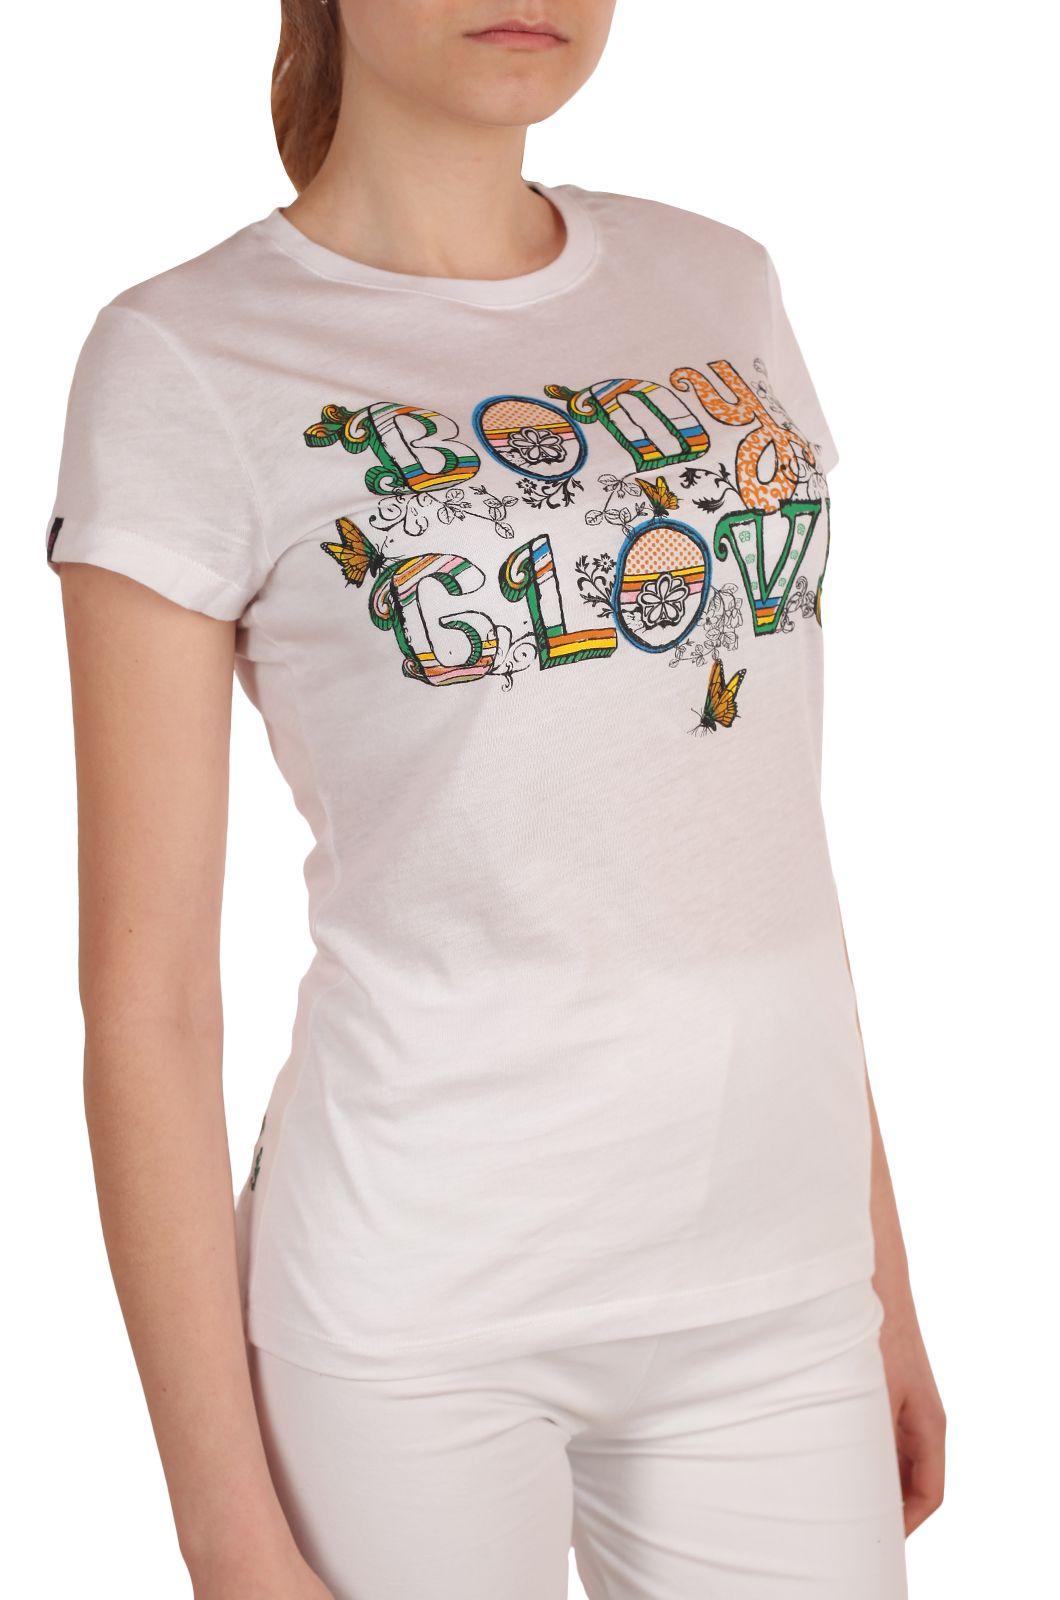 ТОПовая женская одежда в интересном дизайне: от футболок до курток